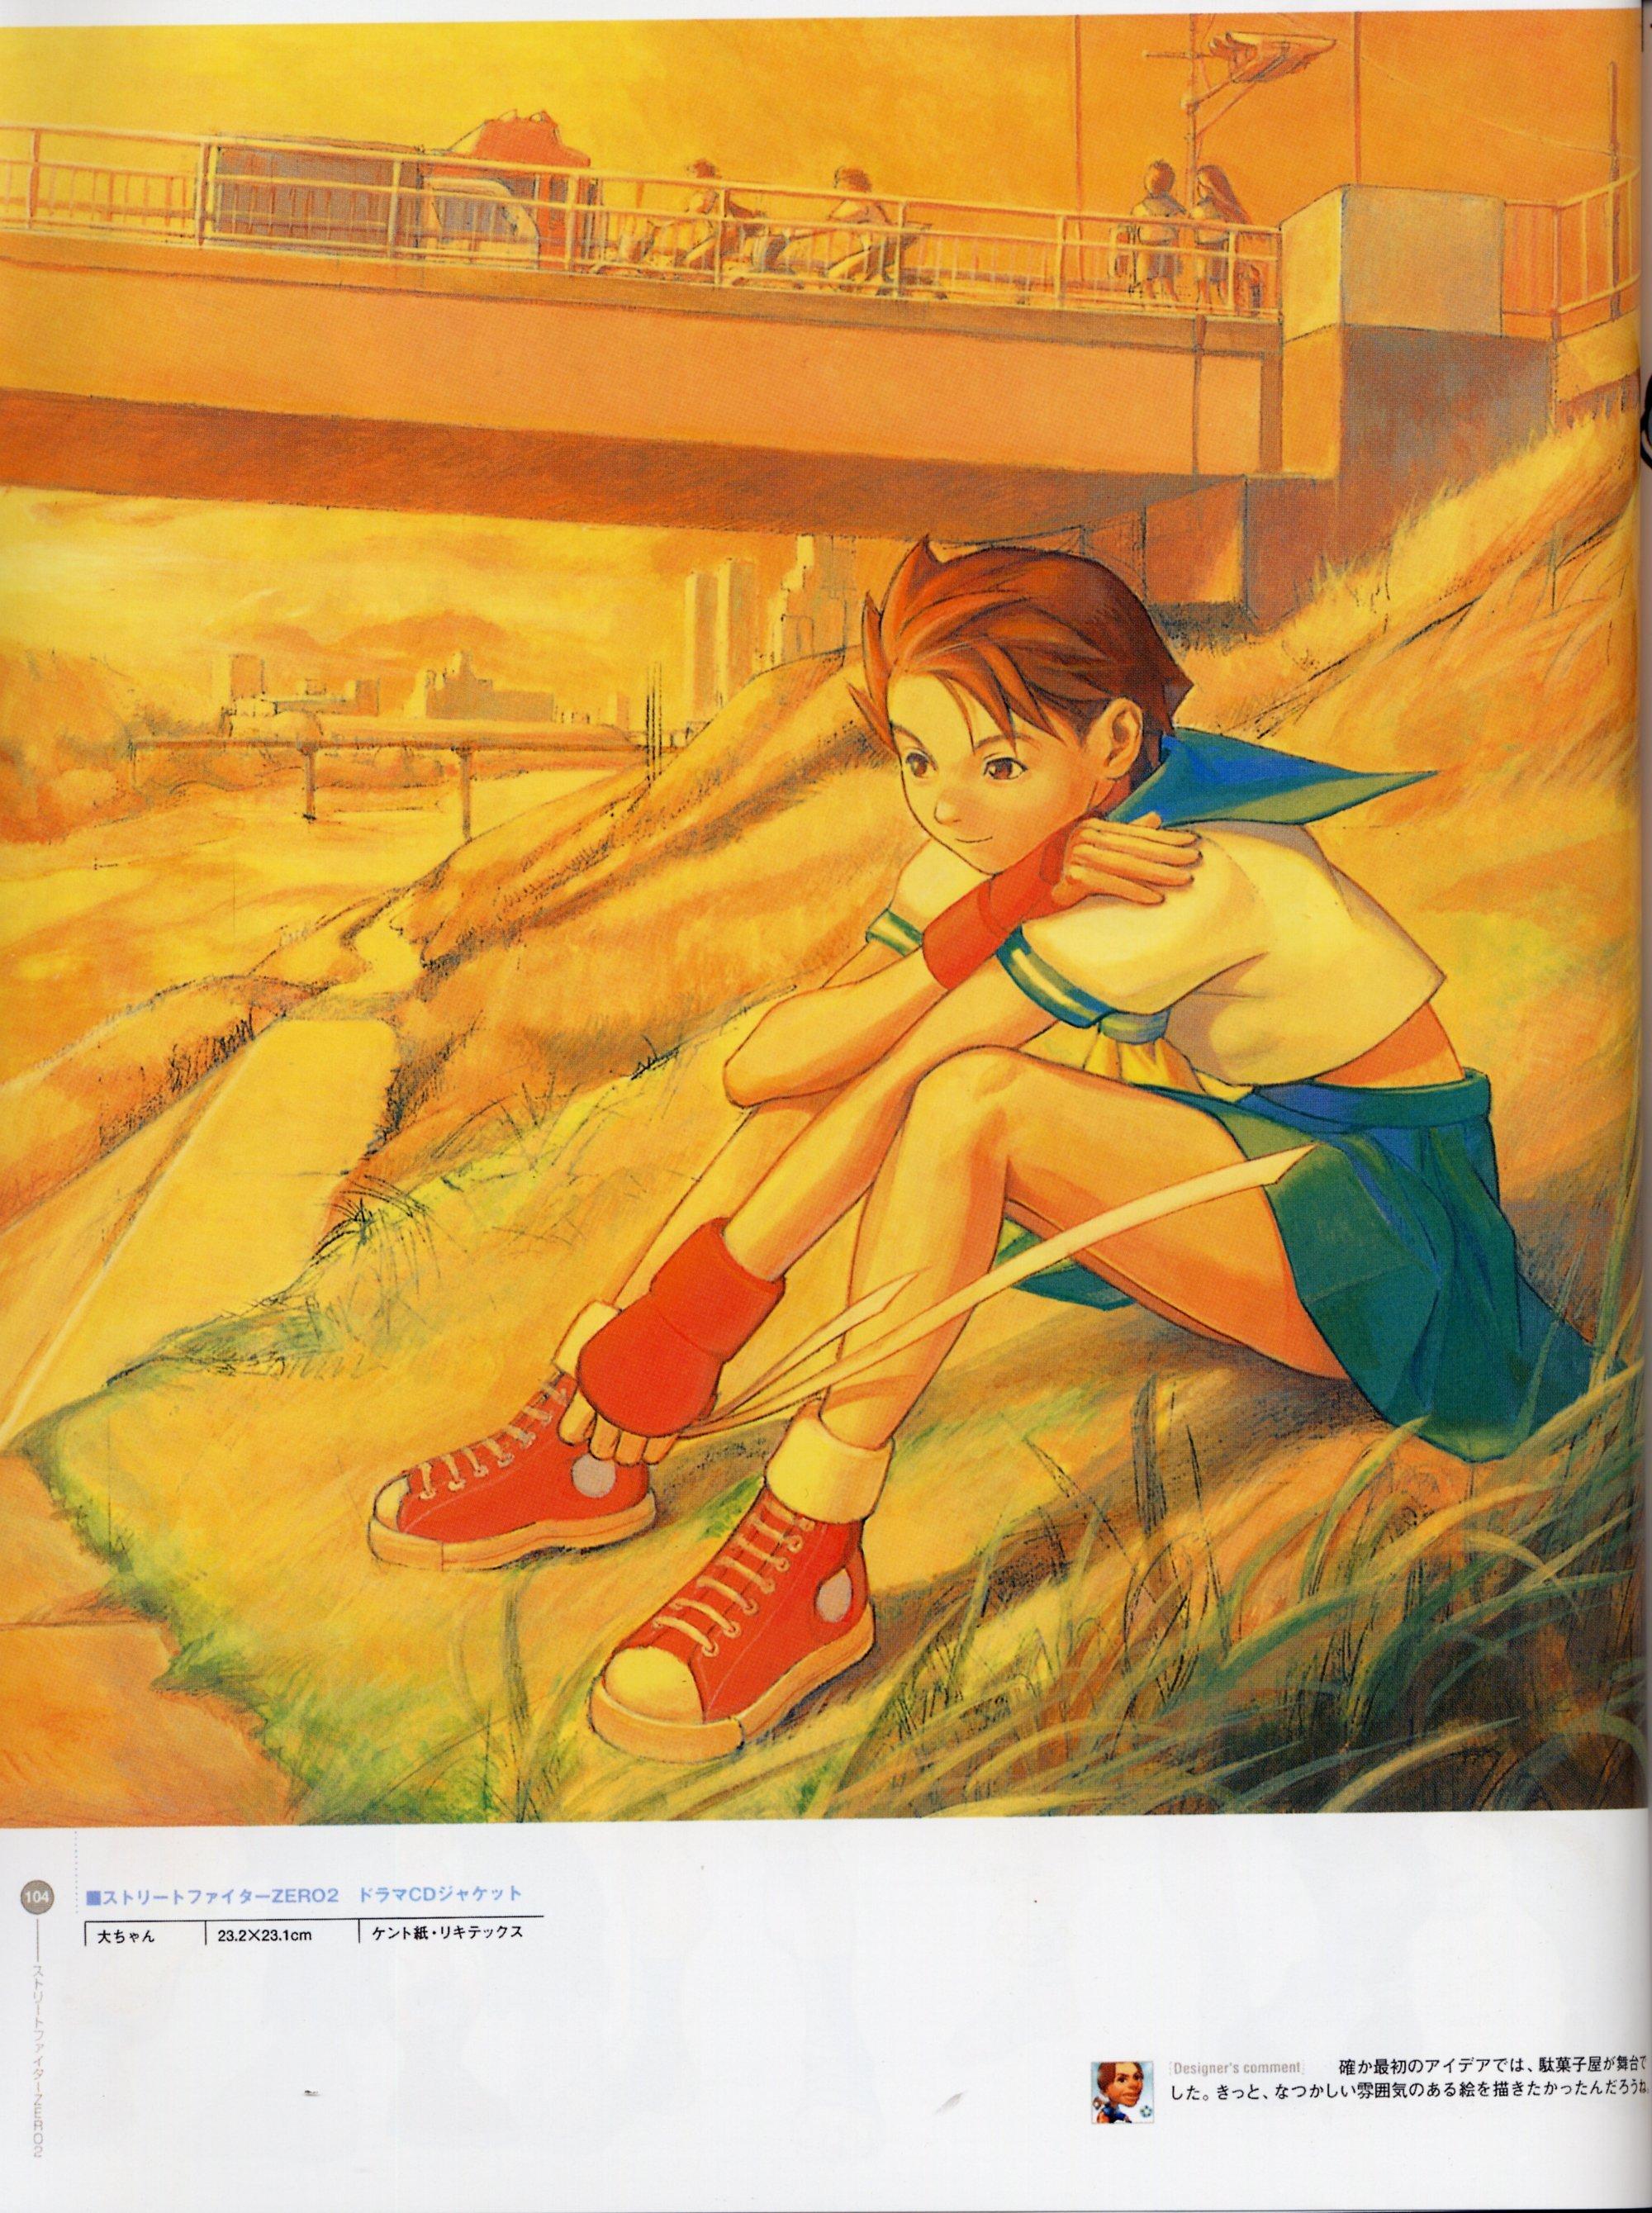 Artbook de CAPCOM (entrá y mirá sus mejores imagenes) (2/4